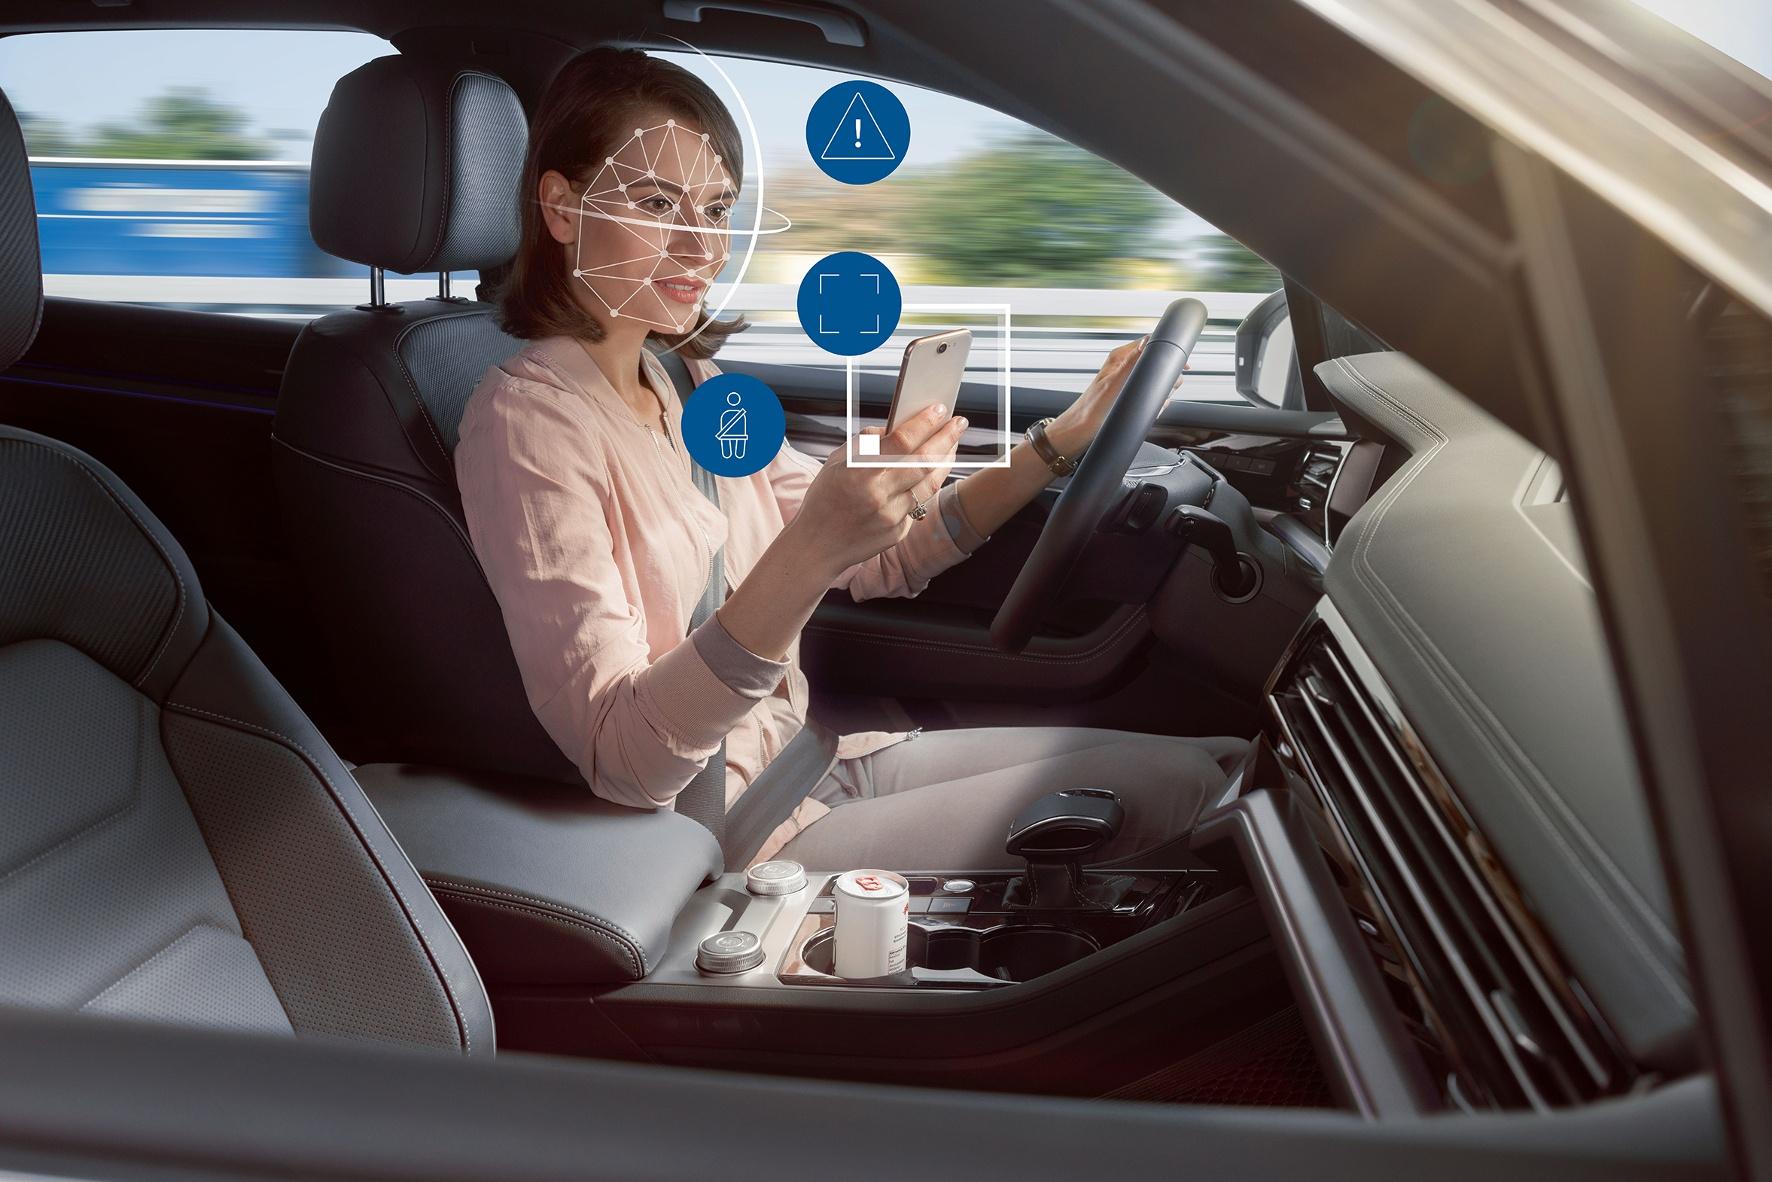 Kameraüberwachung zur Sicherheit von Beifahrern und Passagieren